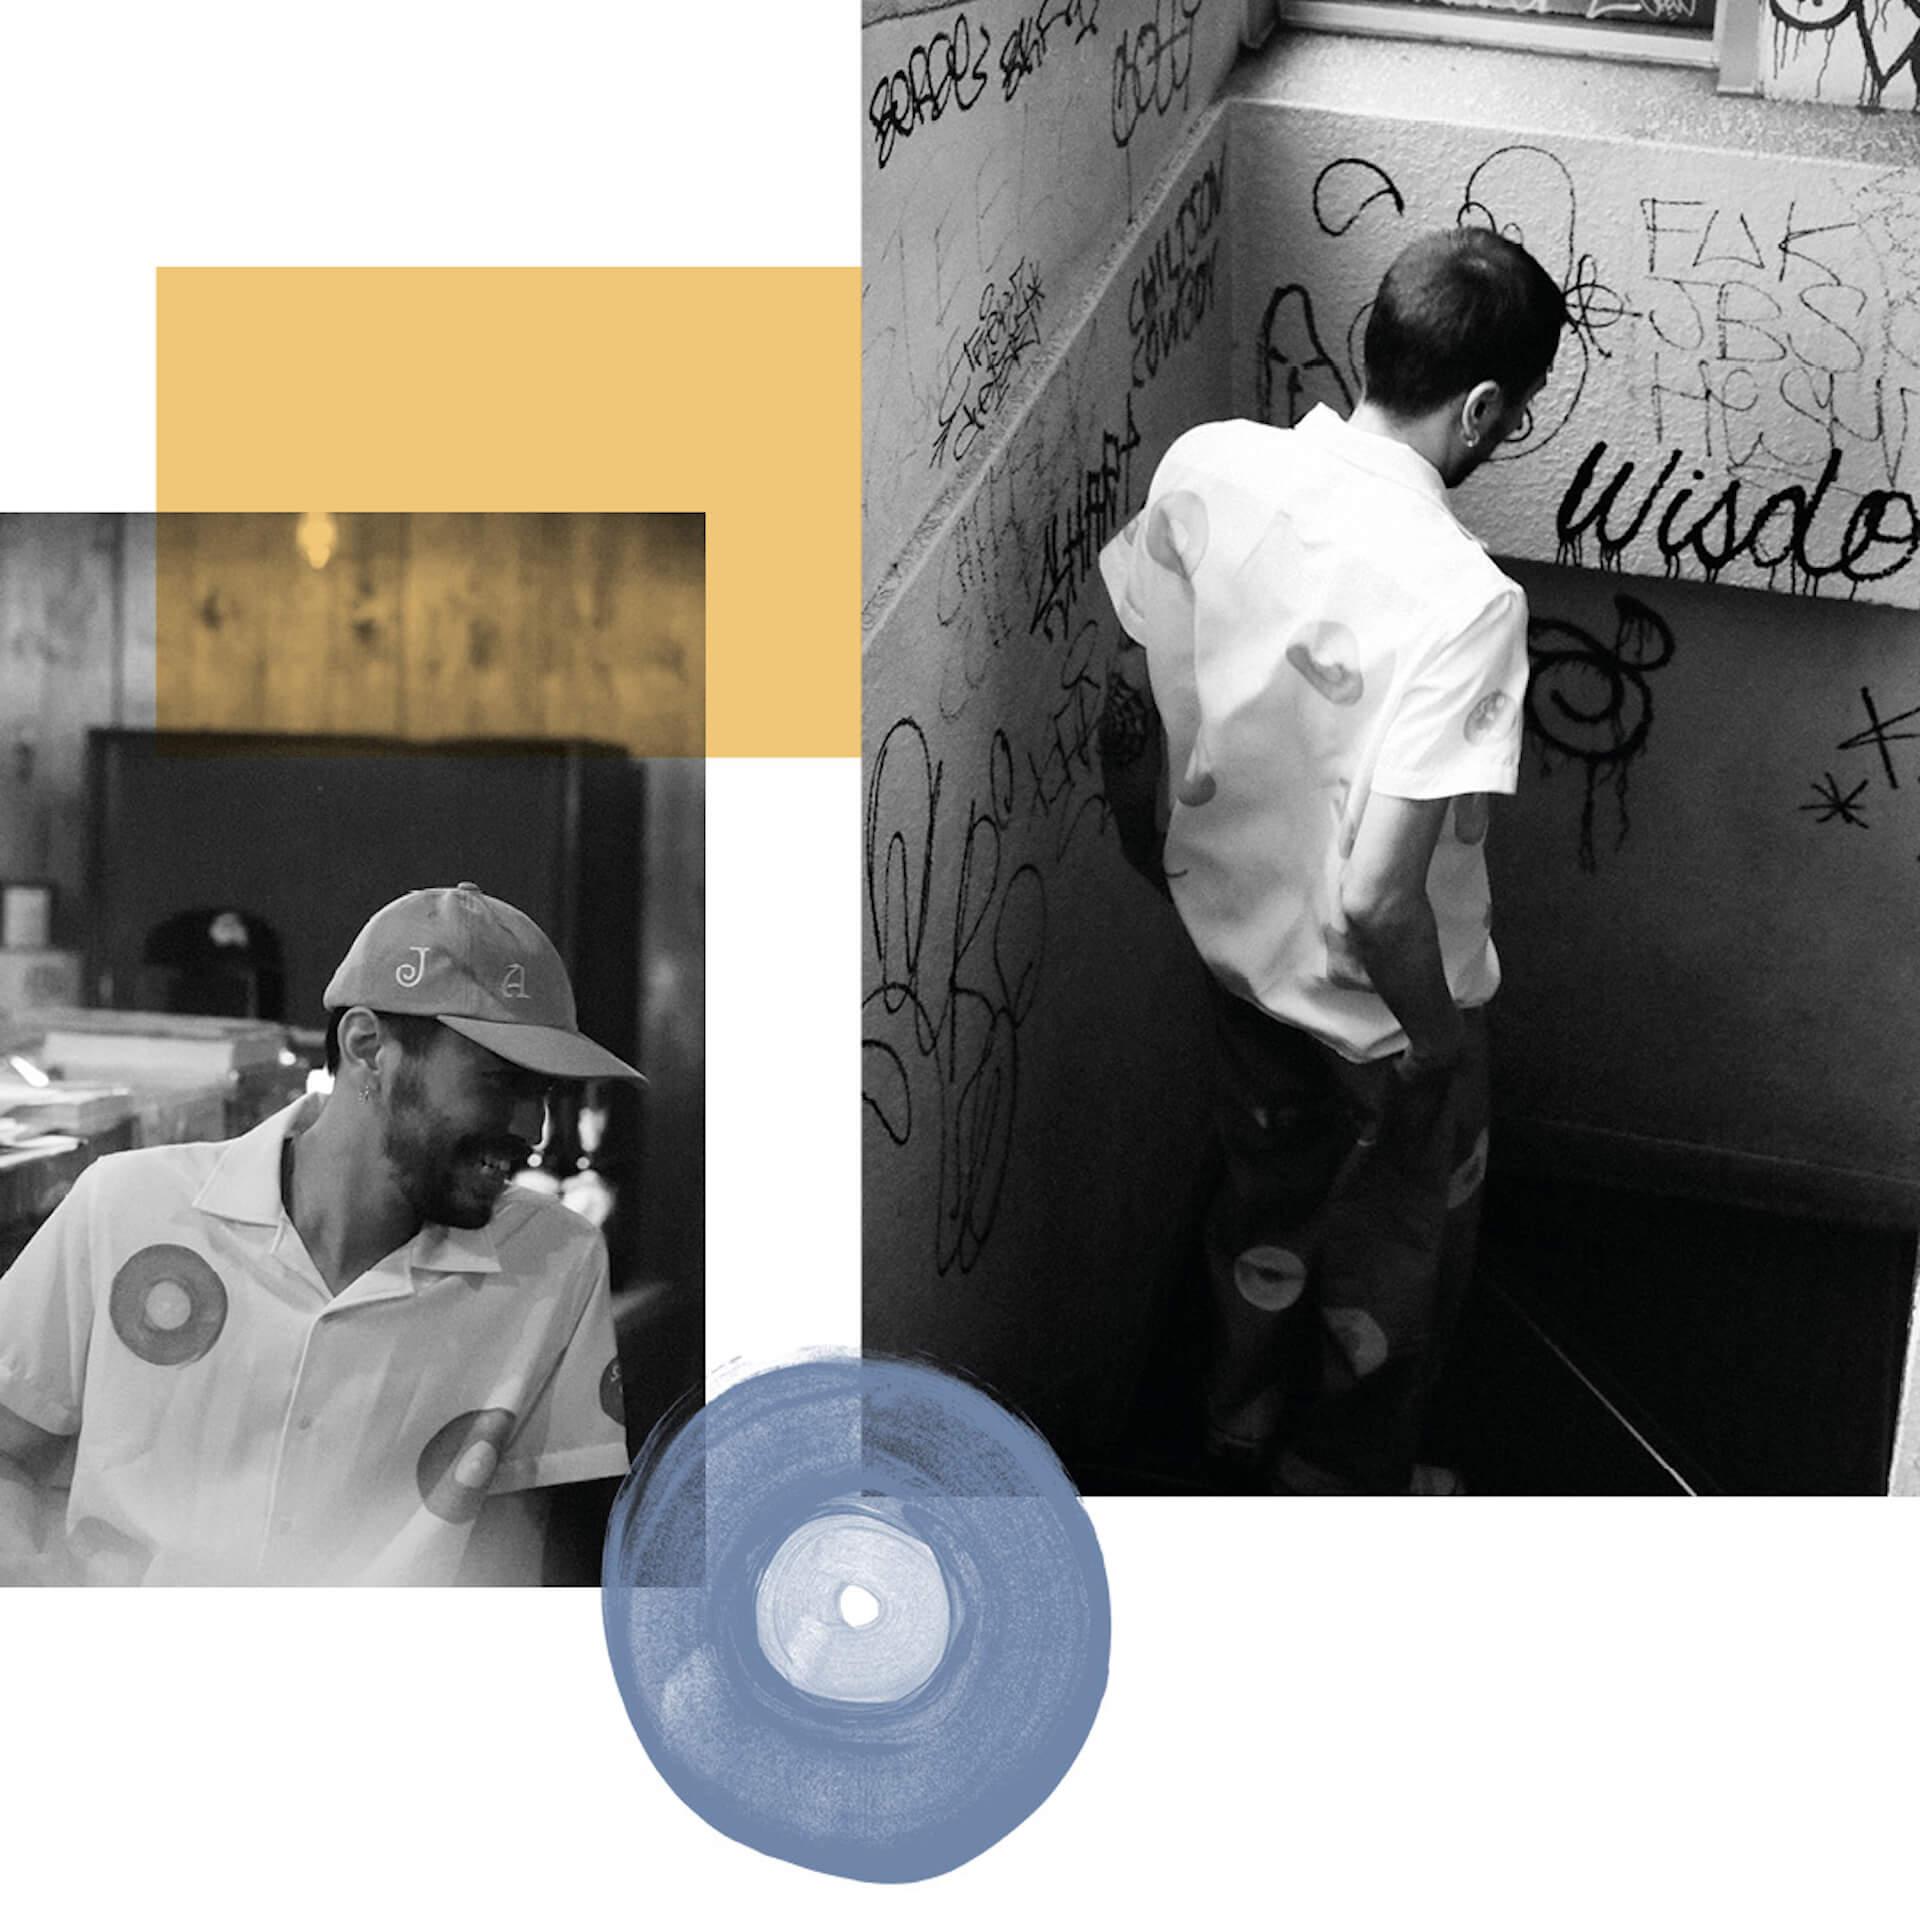 Receptionと渋谷のレコードバーJBSによるカプセルコレクションがローンチ! Fation210615_JSB-lookbook3